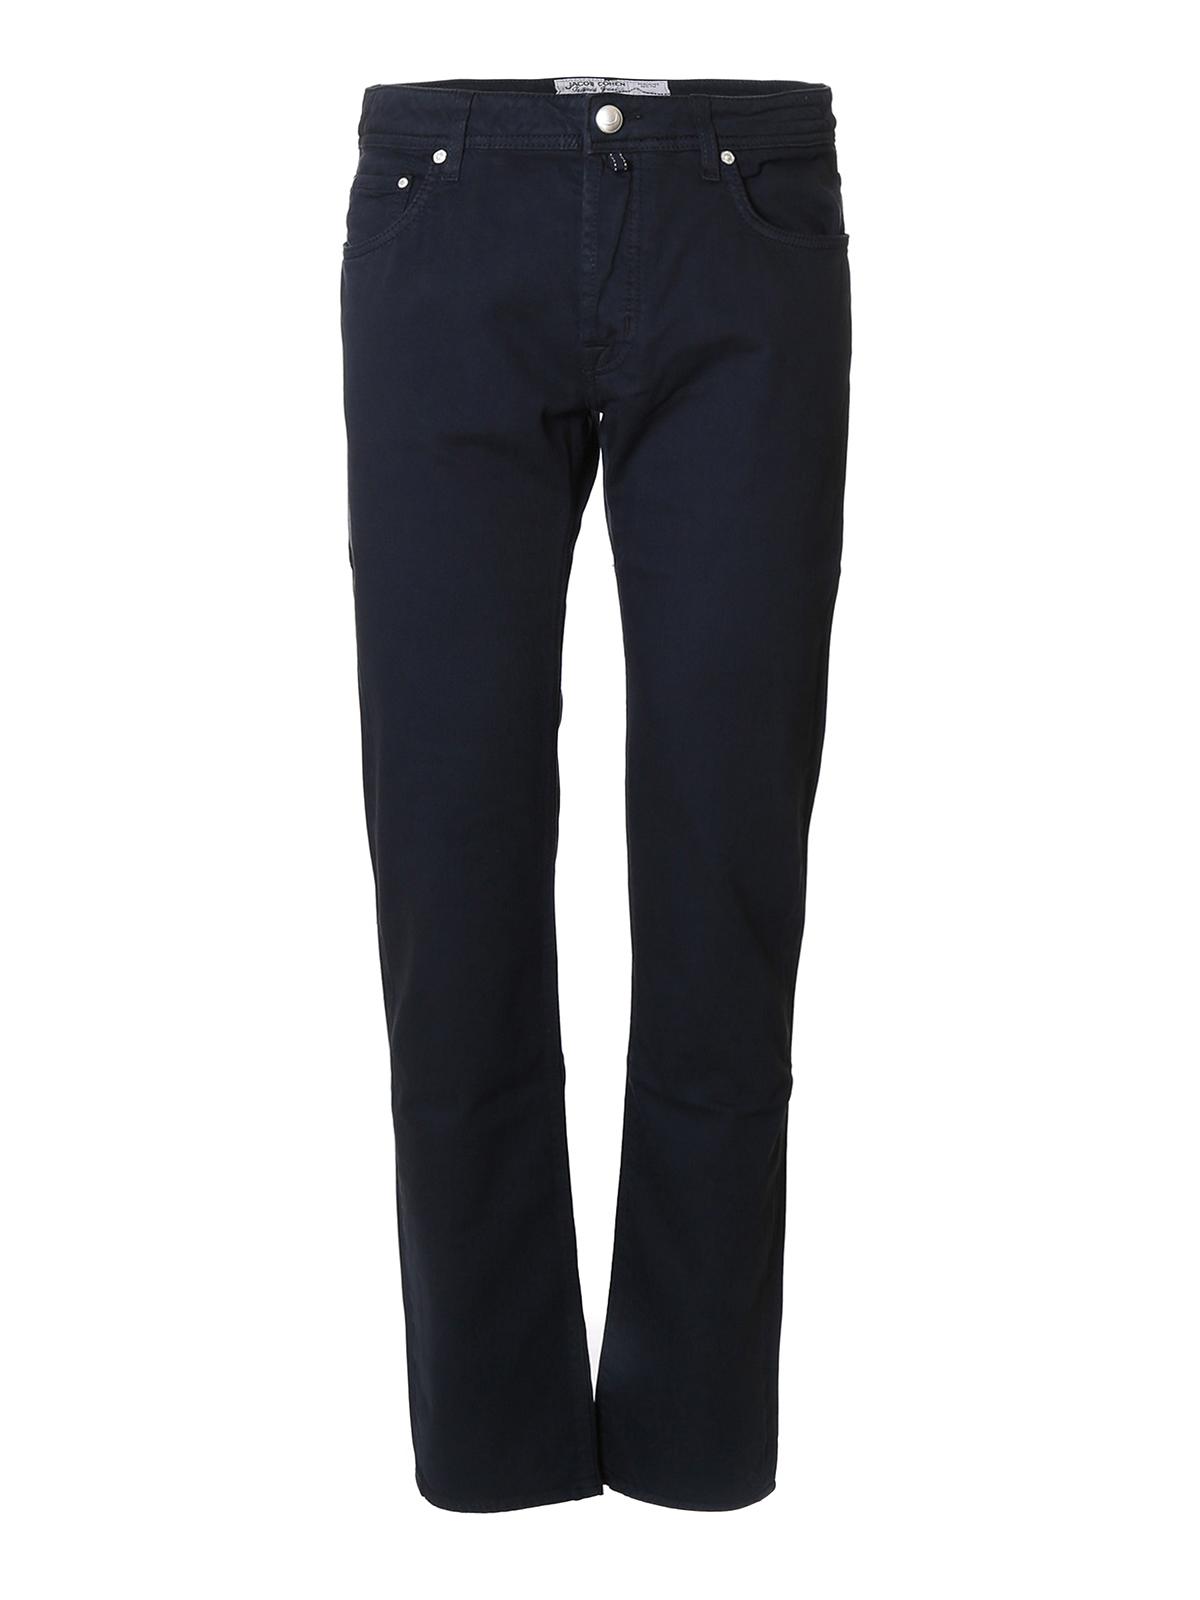 Denim tailored jeans by jacob cohen straight leg jeans - Jacob cohen denim ...